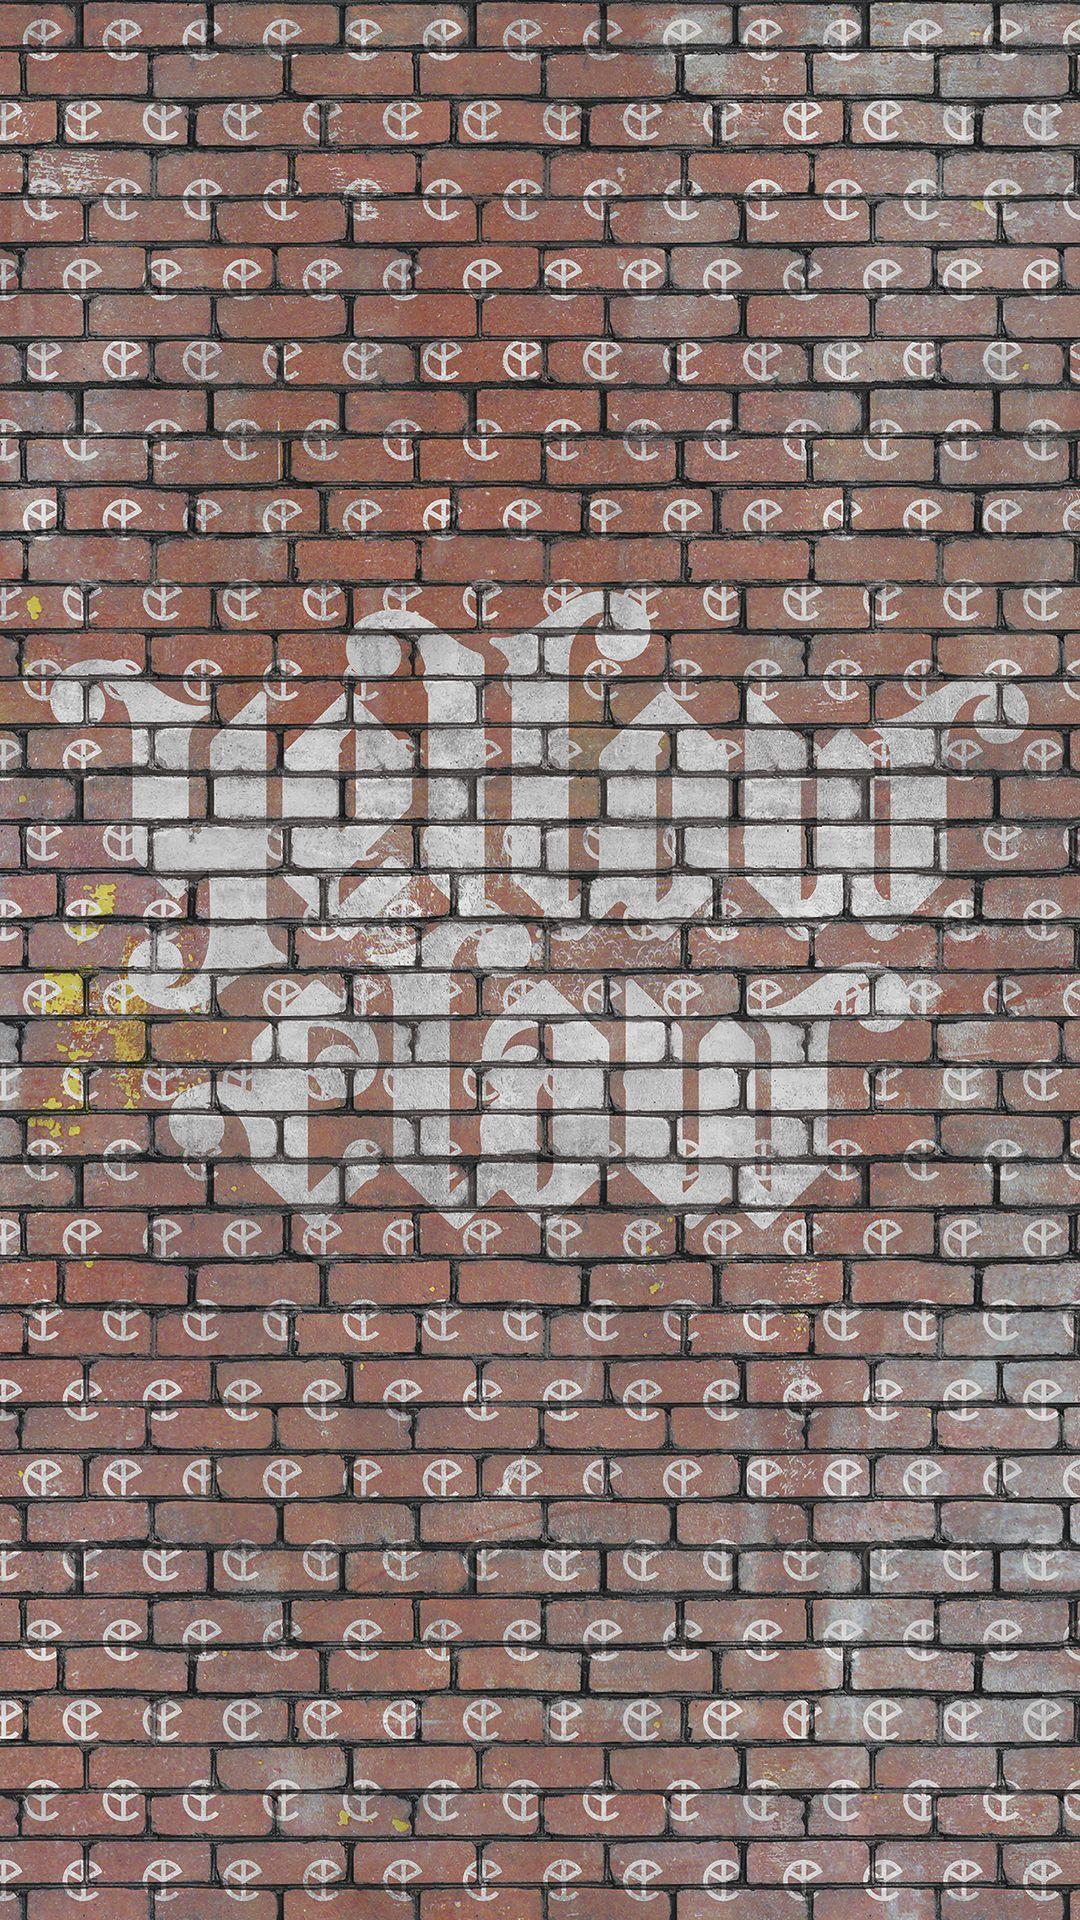 barong family wallpapers wallpaper cave barong family wallpapers wallpaper cave